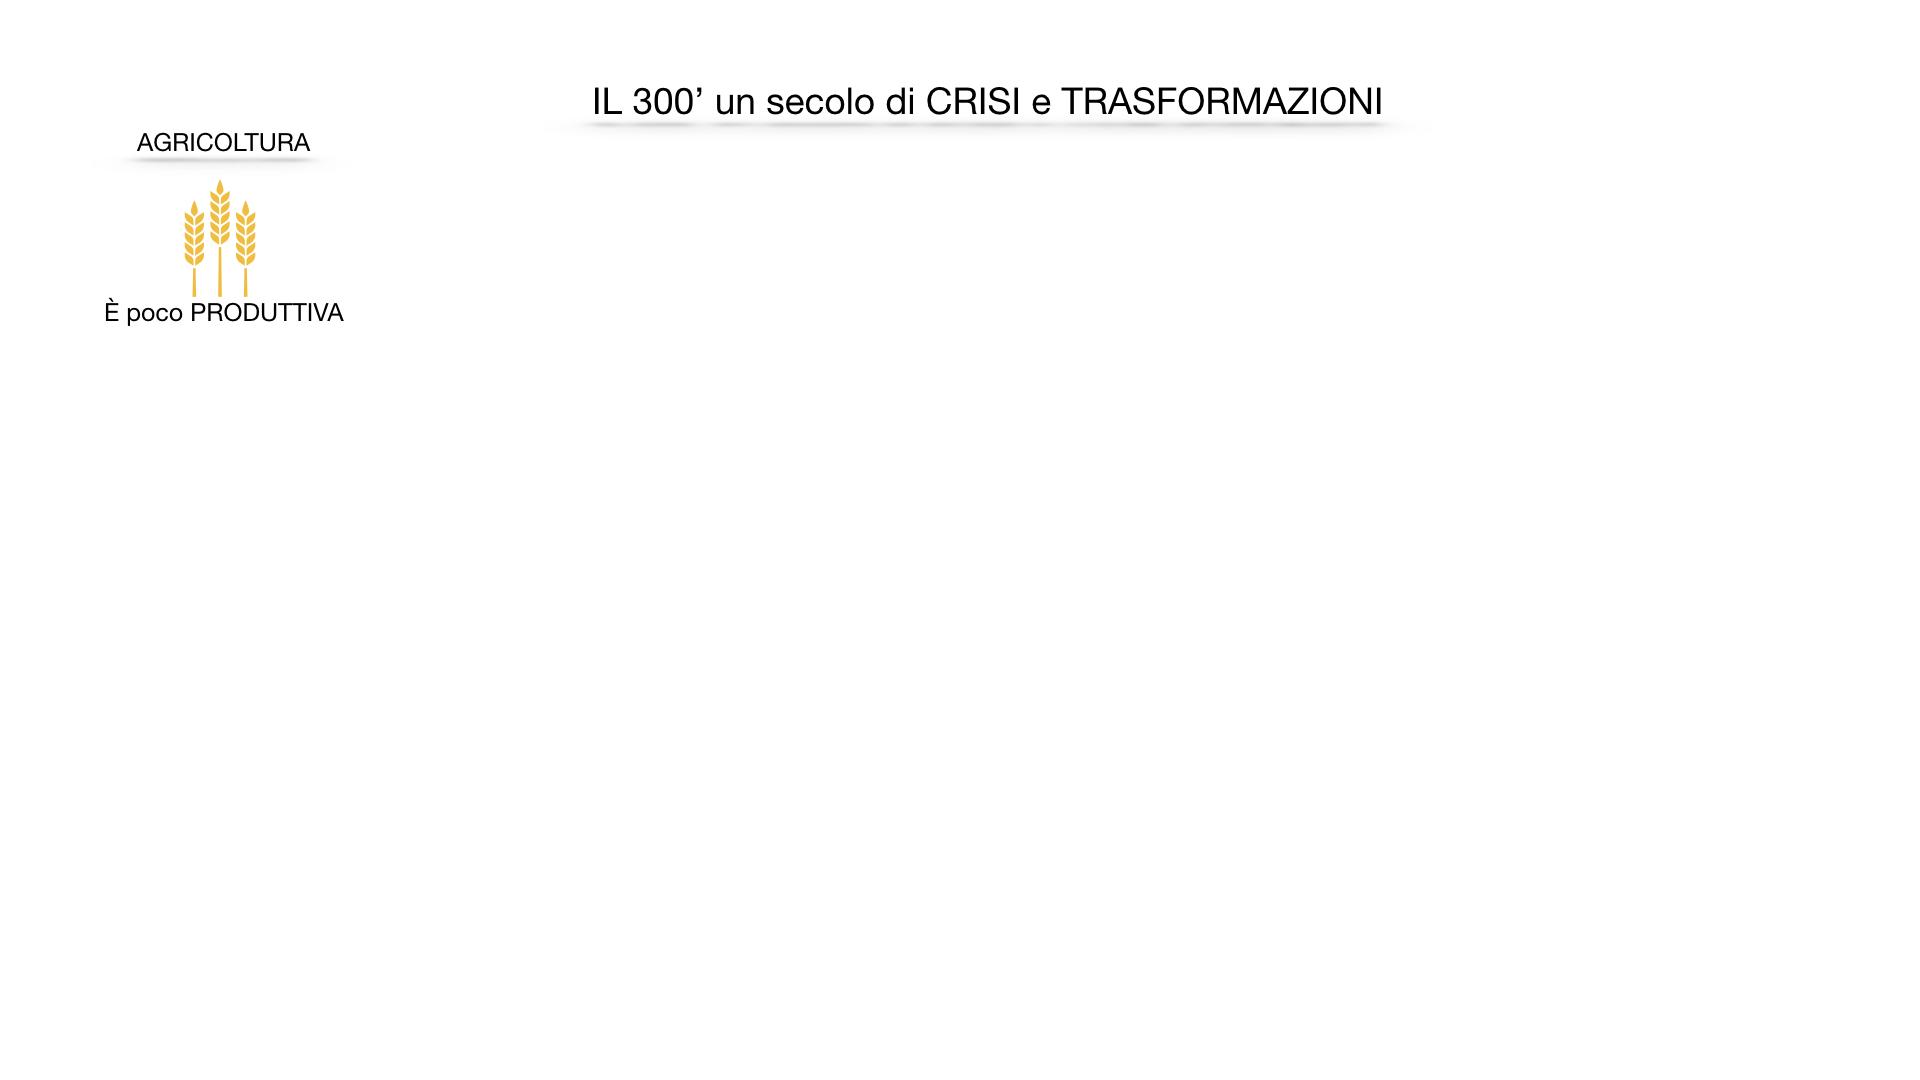 il 300 crisi e trasformazioni_ SIMULAZIONE.003